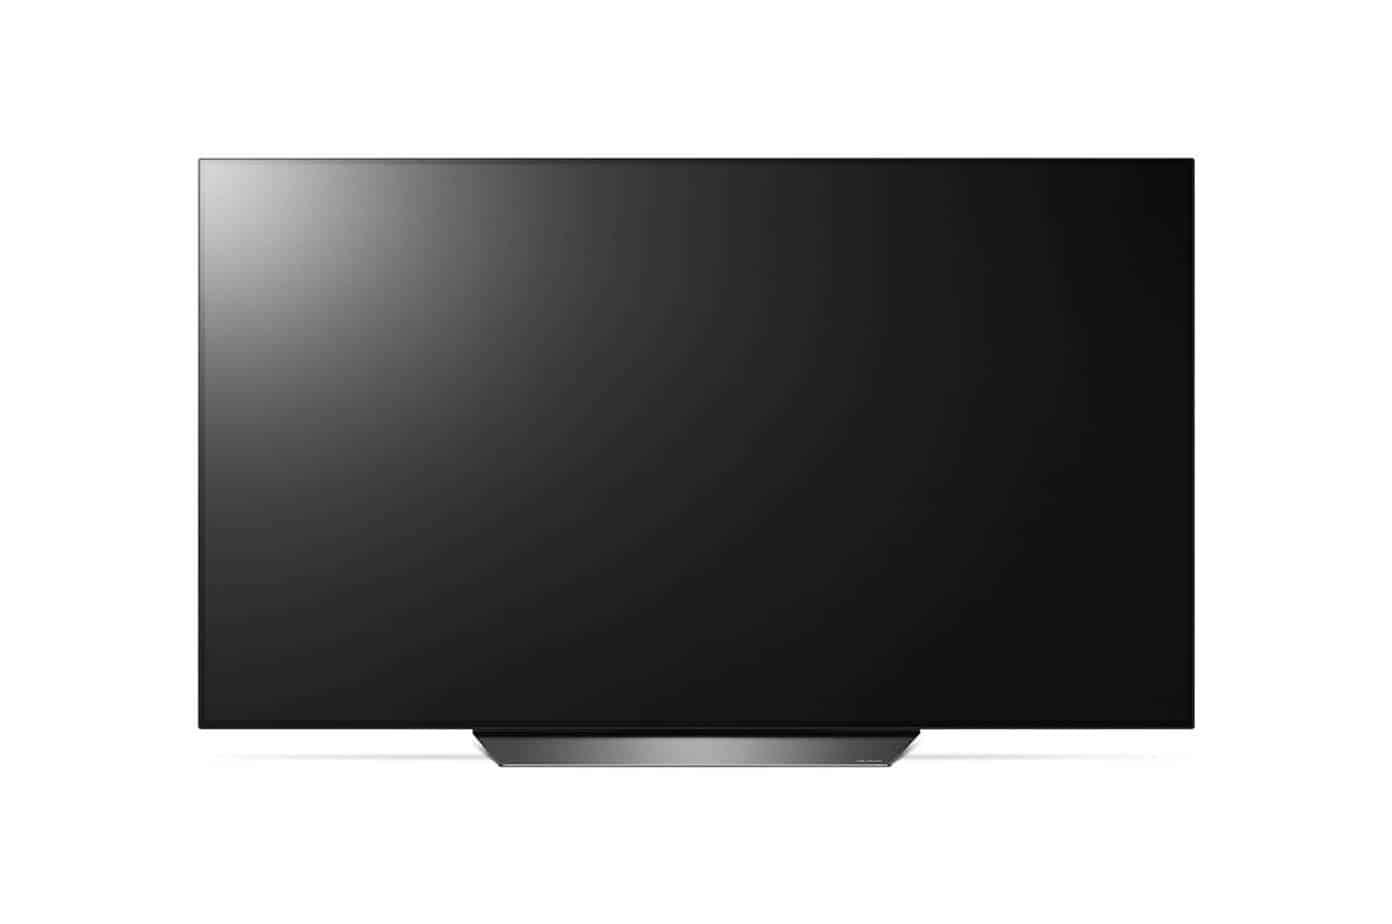 LG OLED TV - B8